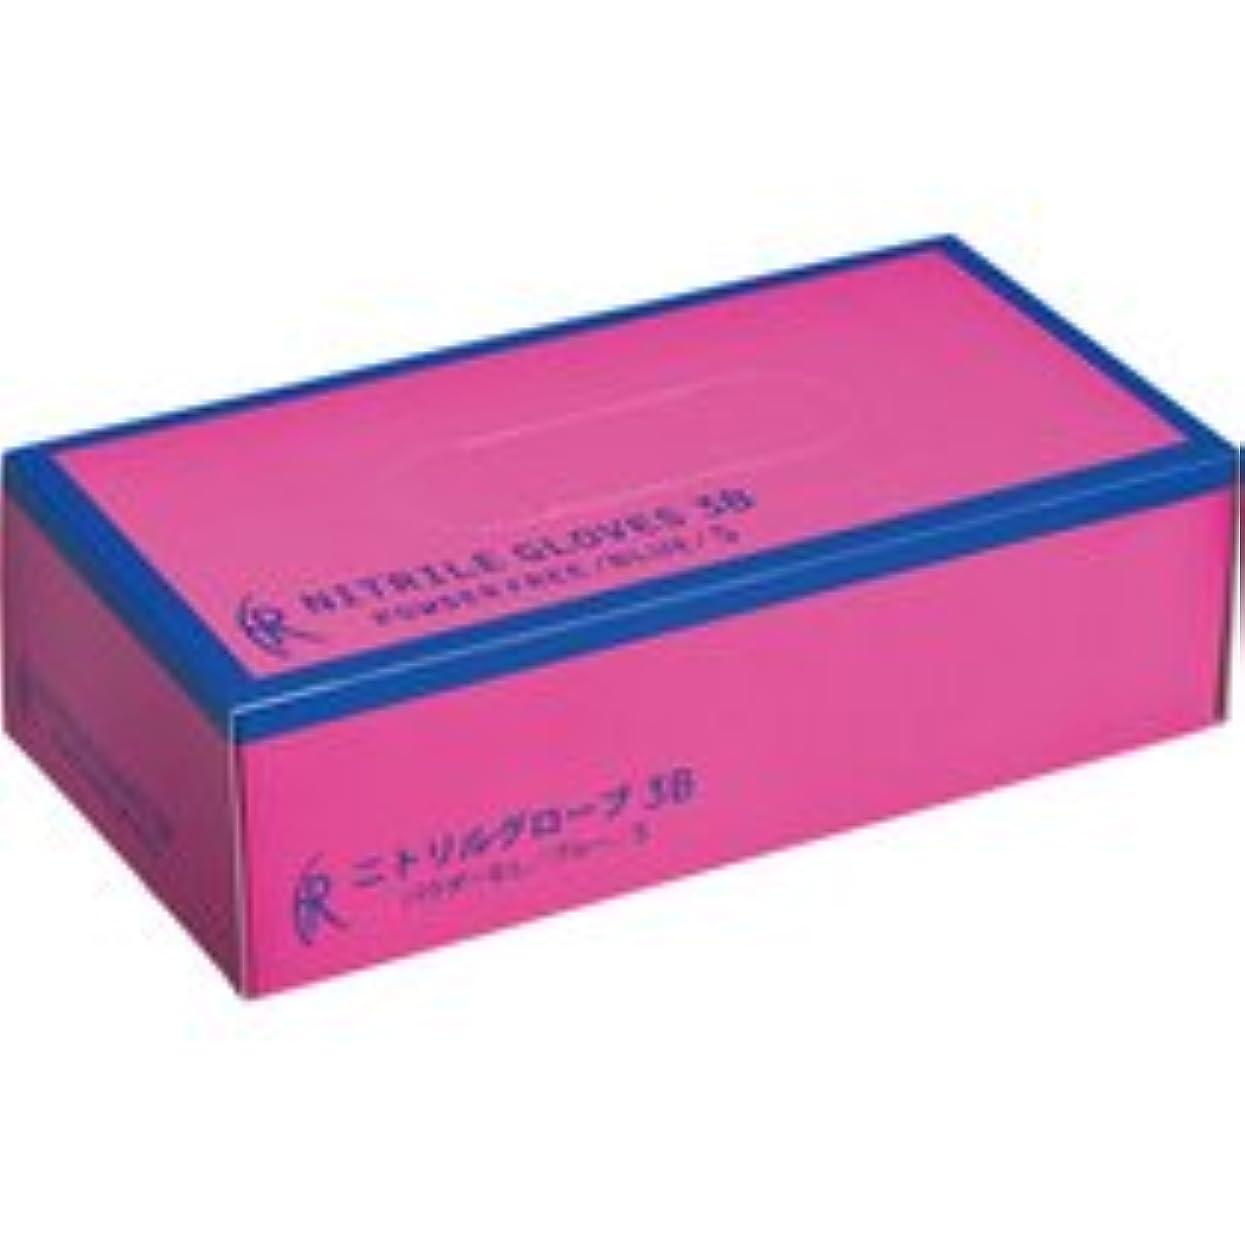 分類推サドルファーストレイト ニトリルグローブ3B パウダーフリー S FR-5661 1箱(200枚)